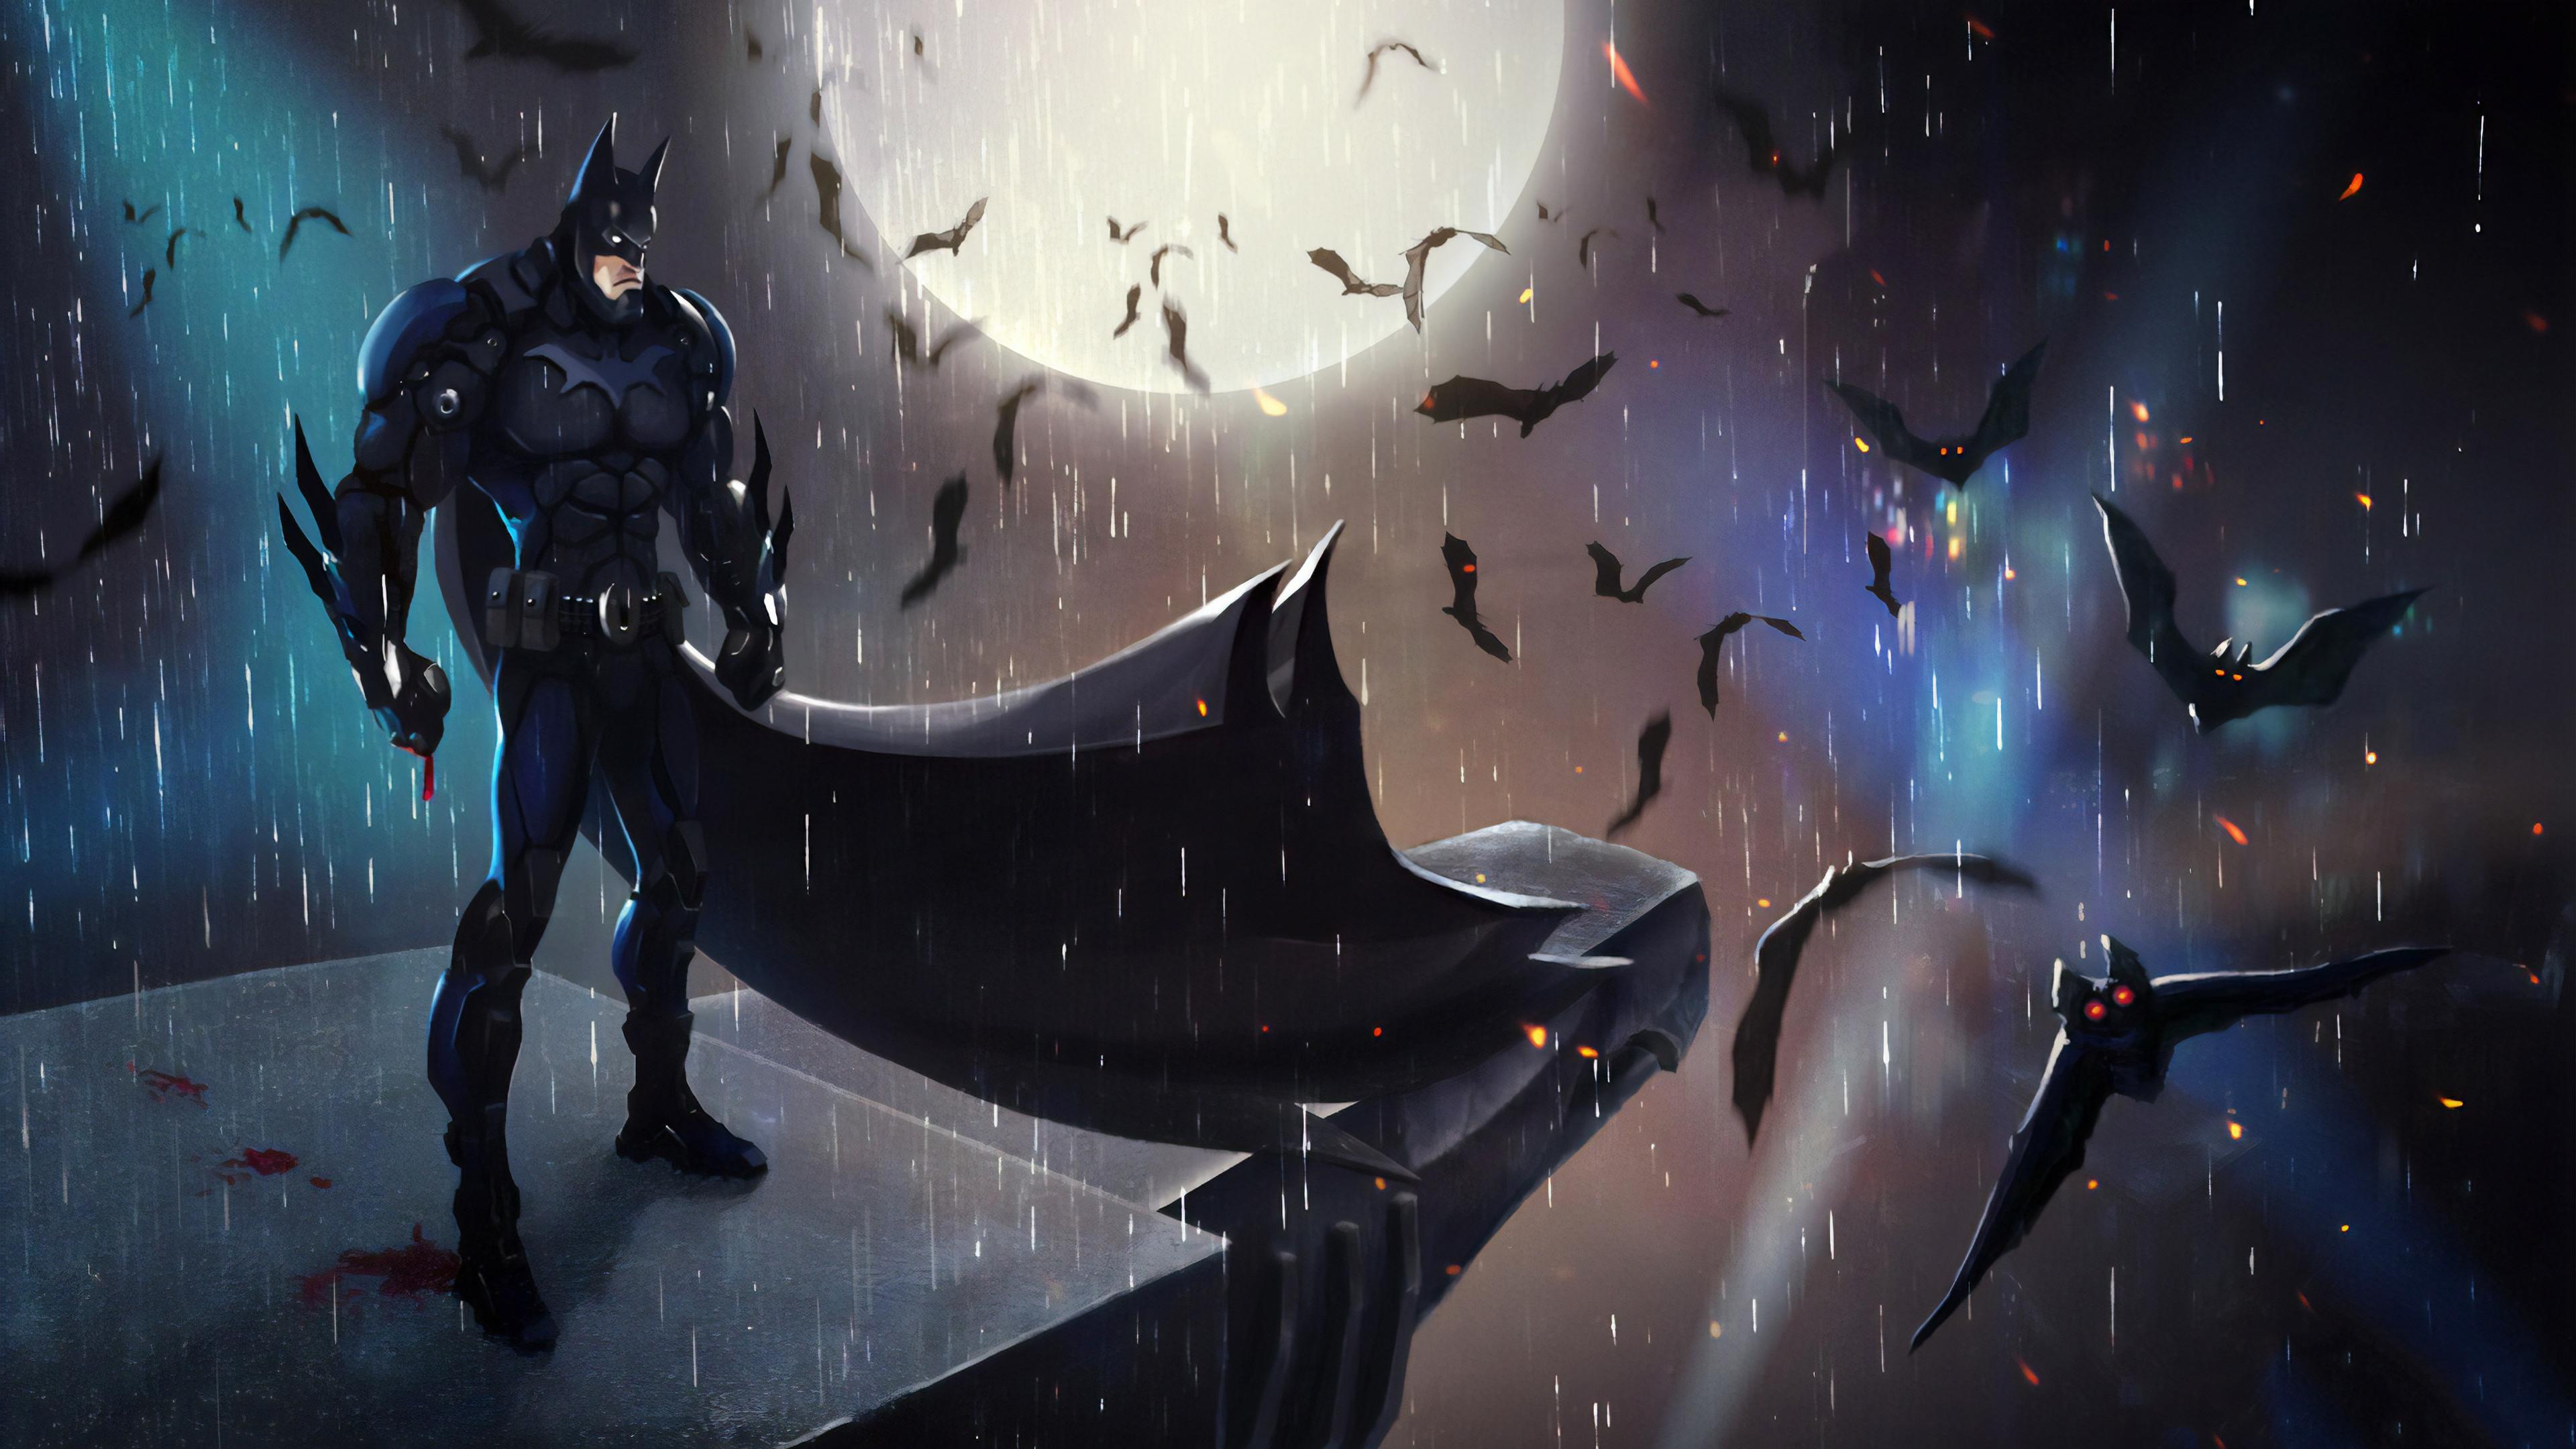 batman in the night art 1565054107 - Batman In The Night Art - superheroes wallpapers, hd-wallpapers, digital art wallpapers, batman wallpapers, artwork wallpapers, artstation wallpapers, 4k-wallpapers